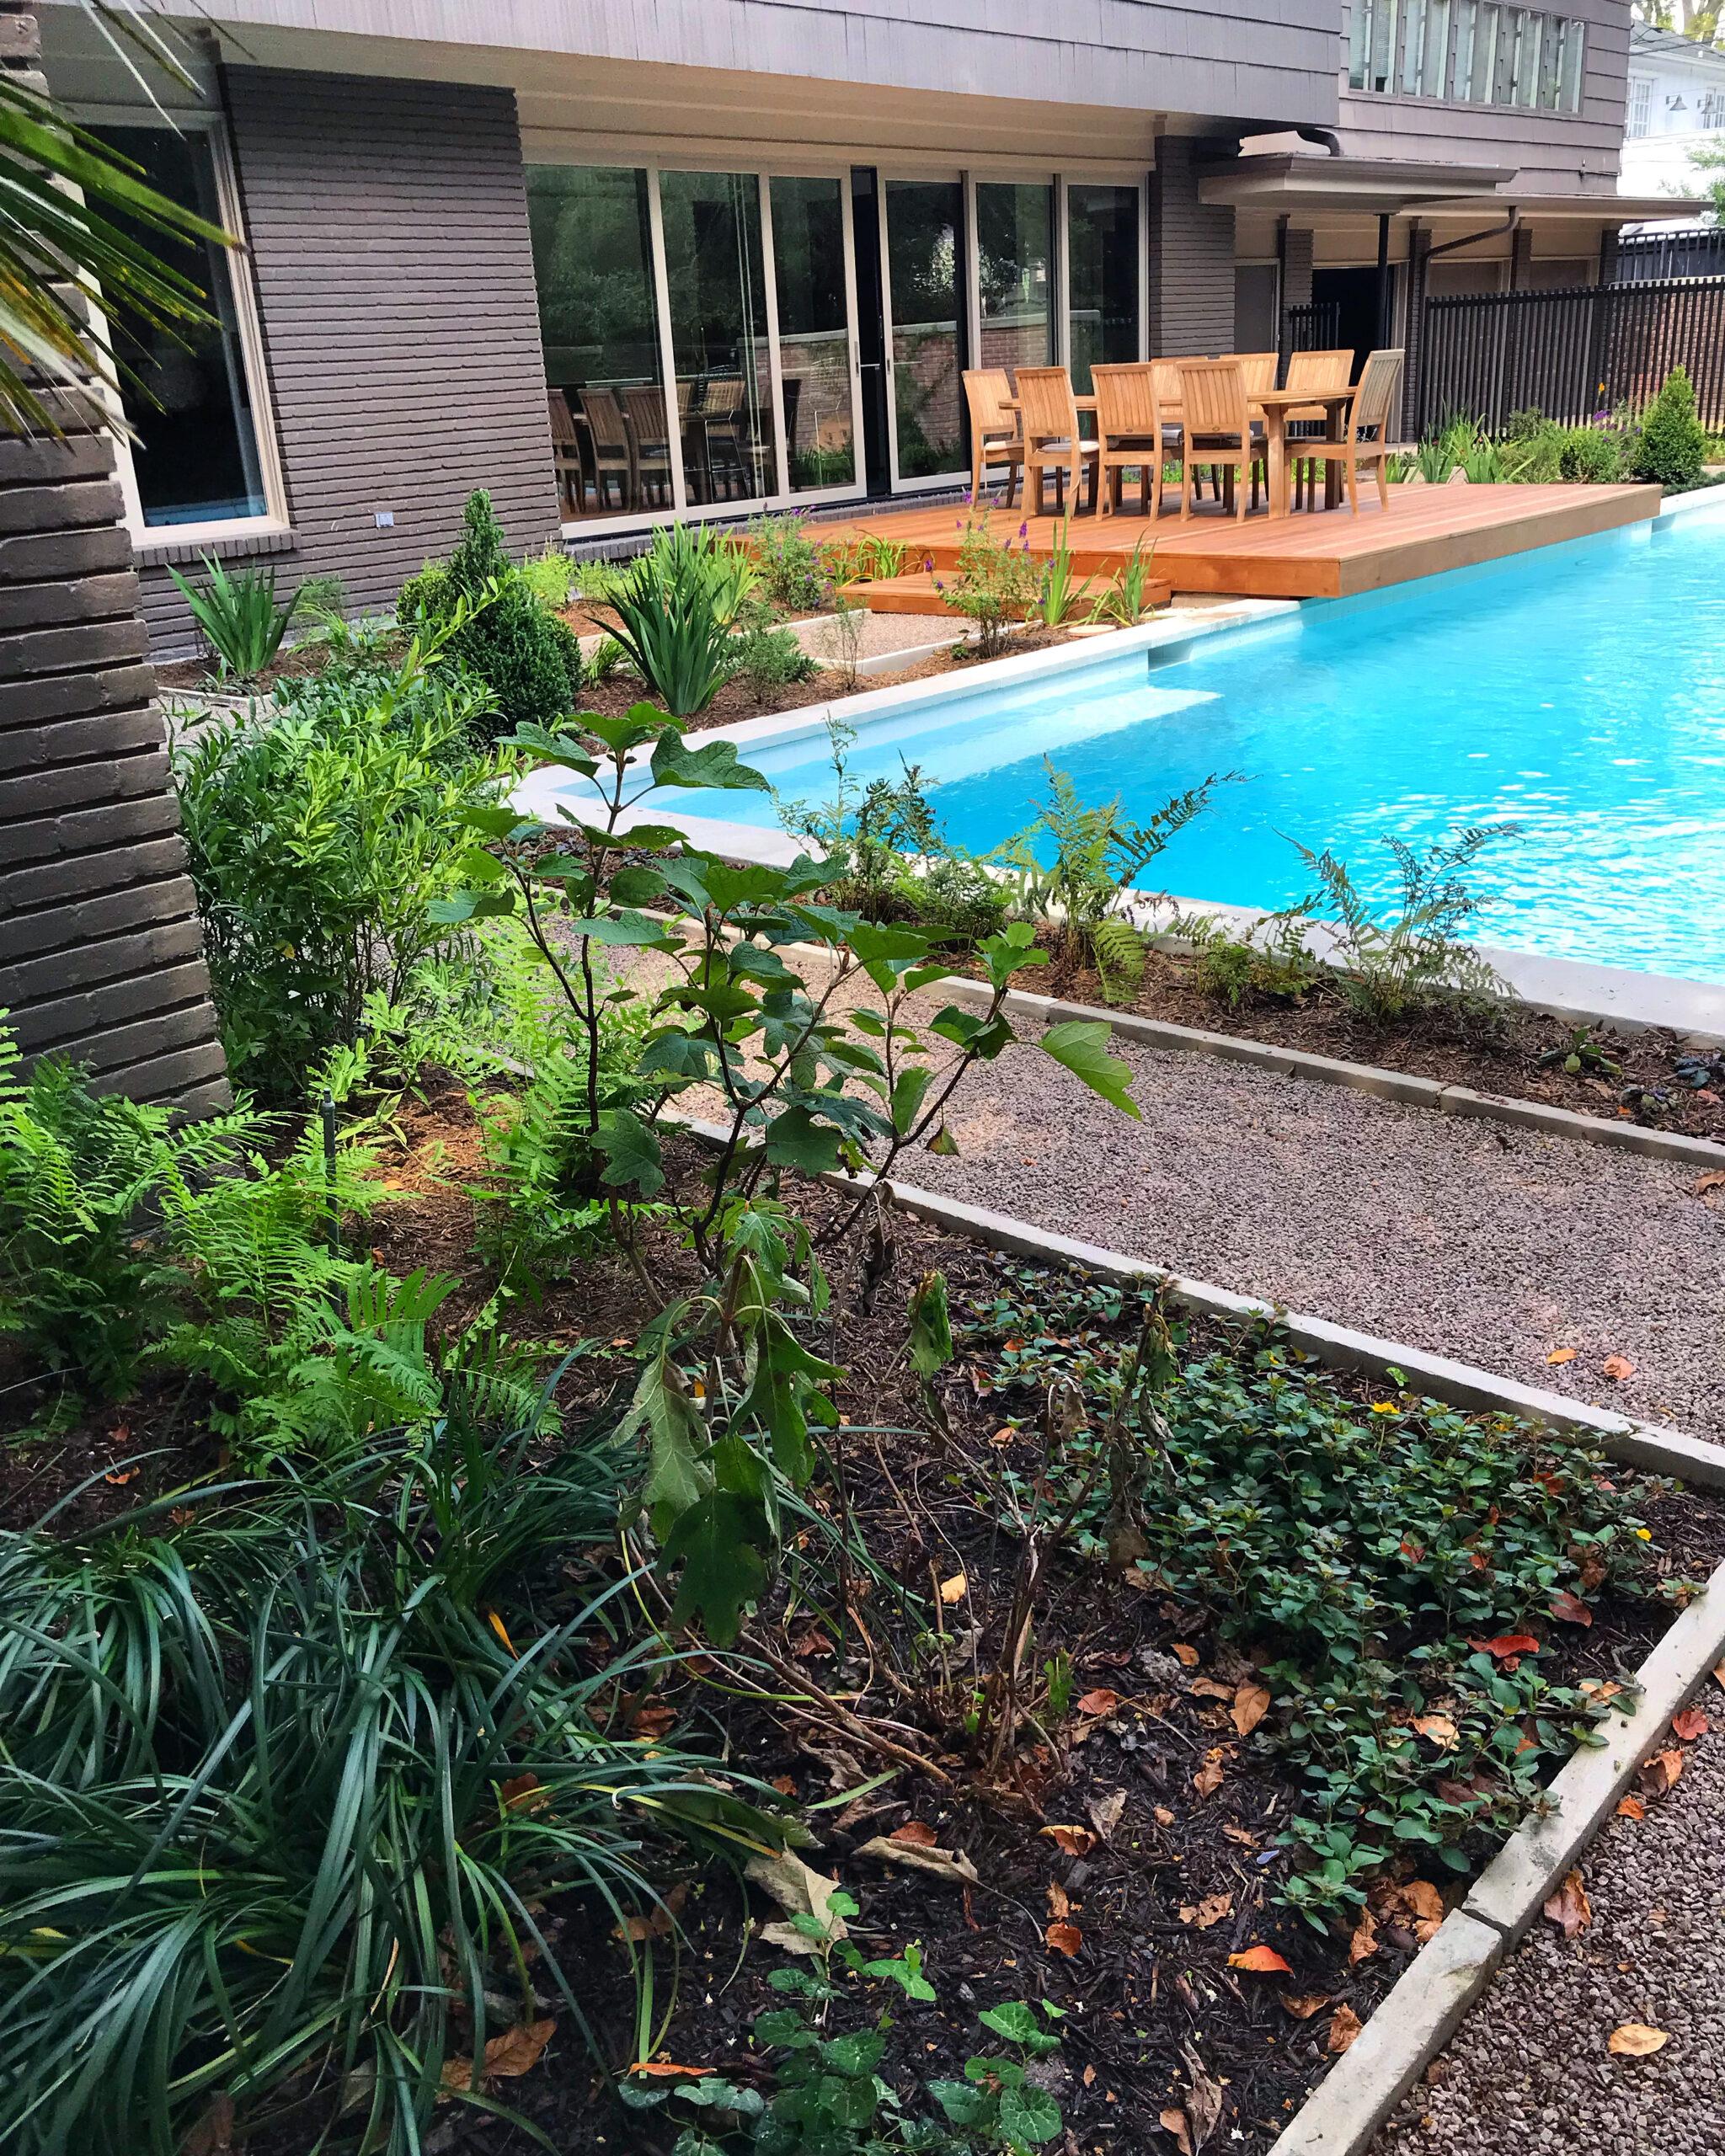 modern houston landscaping, modern houston landscape design, houston landscape design, pool landscaping, modern landscape design